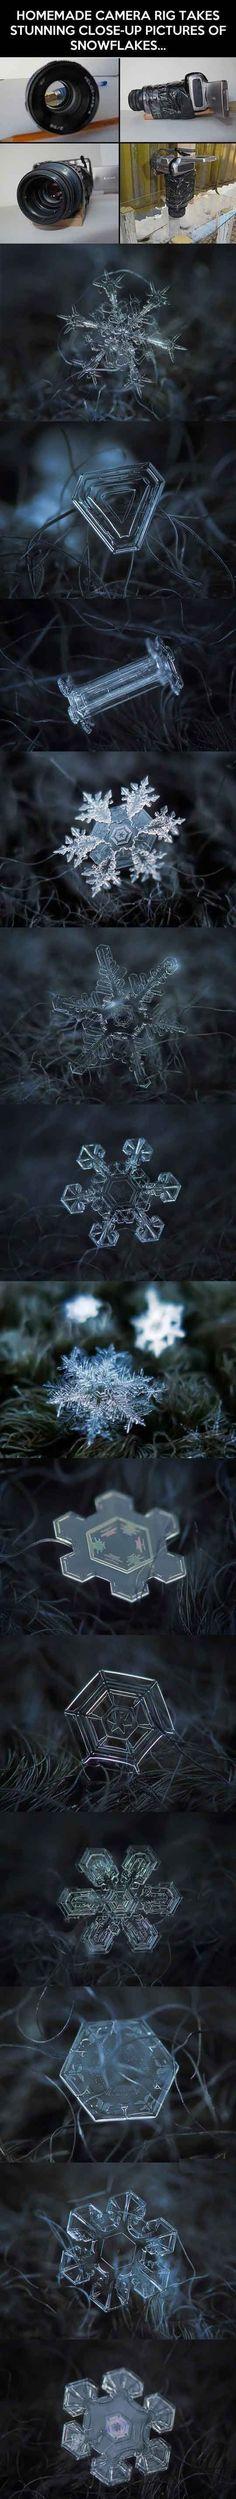 Homemade macro lens takes snowflake closeups. Cool.